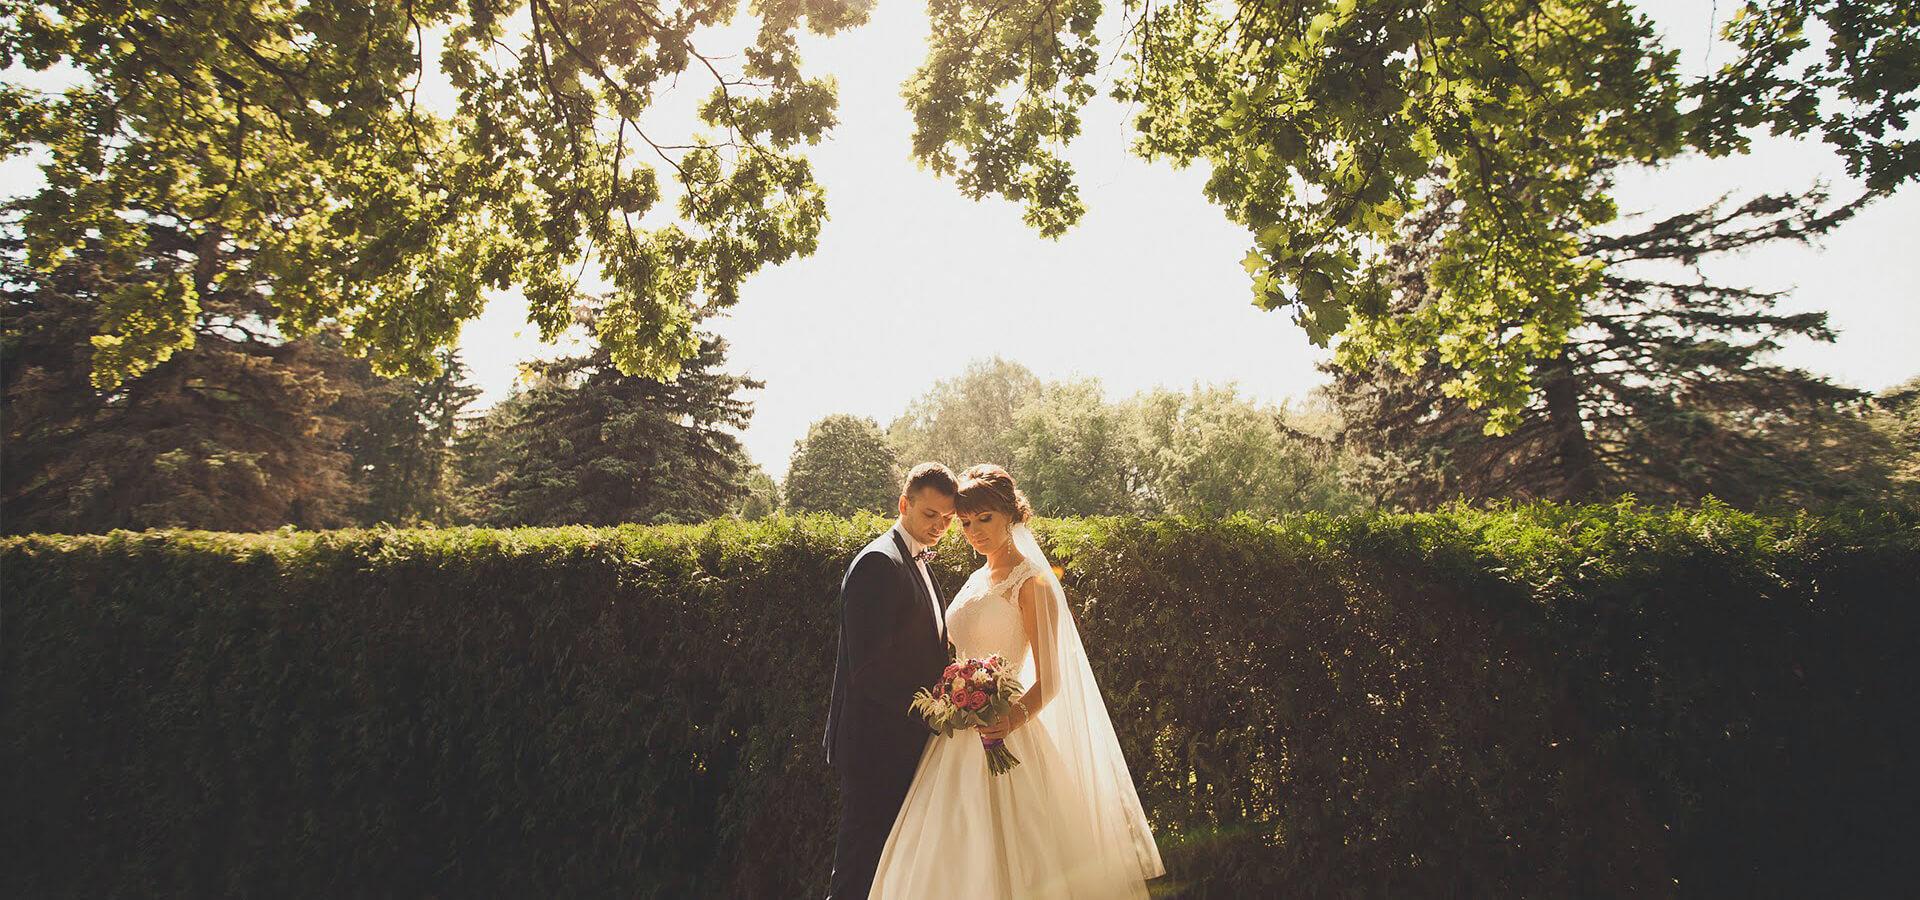 Самые интересные тренды для свадьбы в 2017 году